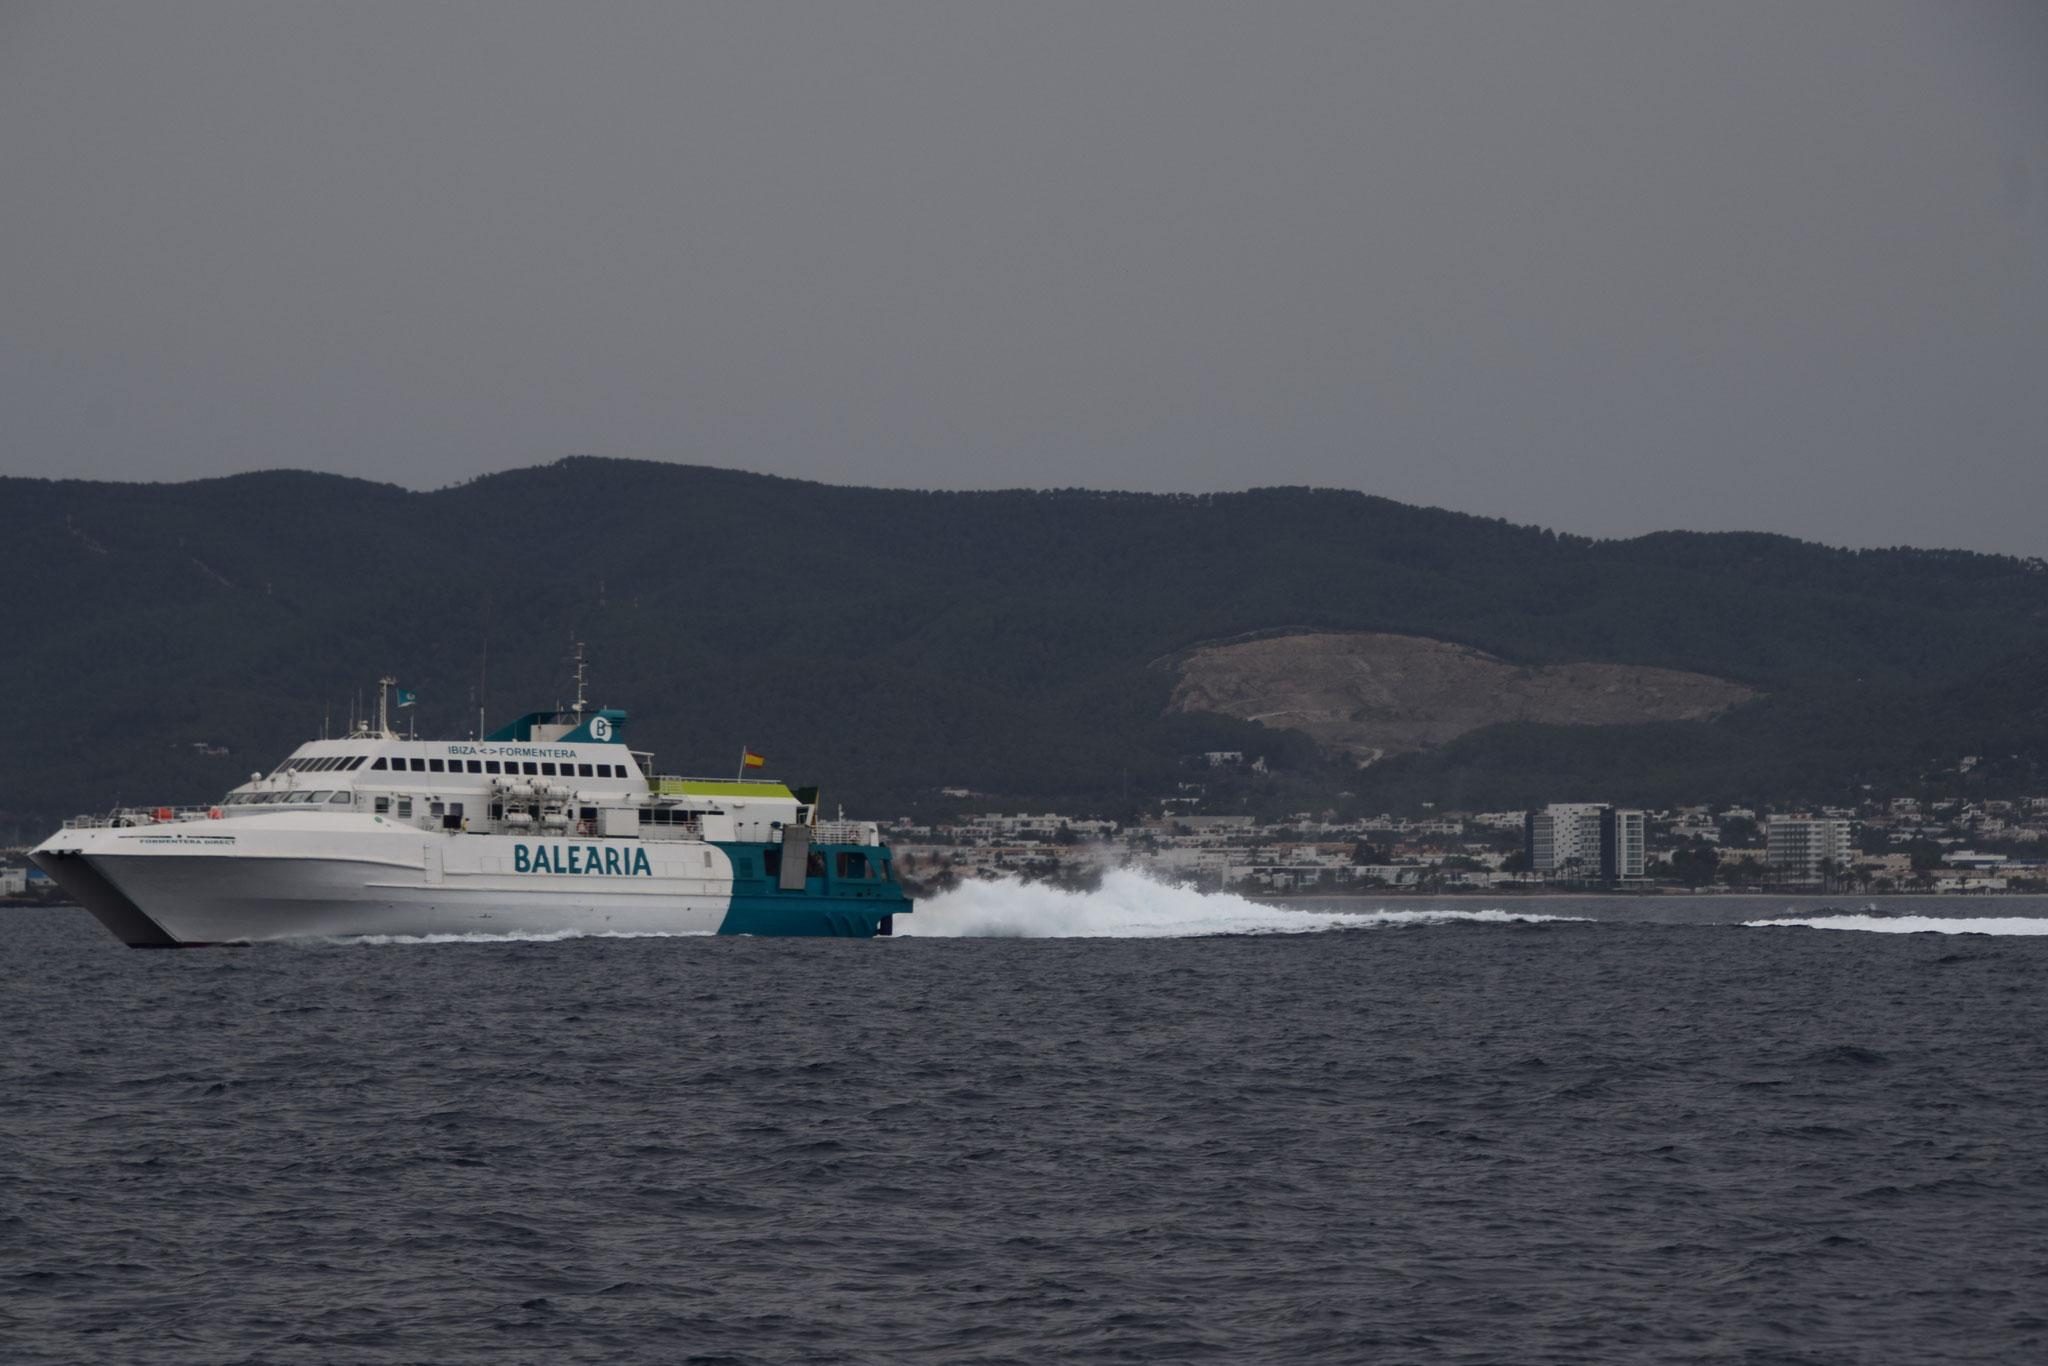 Die Schnellfähren rasen zwischen Ibiza und Formentera mit bis zu 30 Knoten (60km/h) hin und her und sind noch meilenweit zu hören